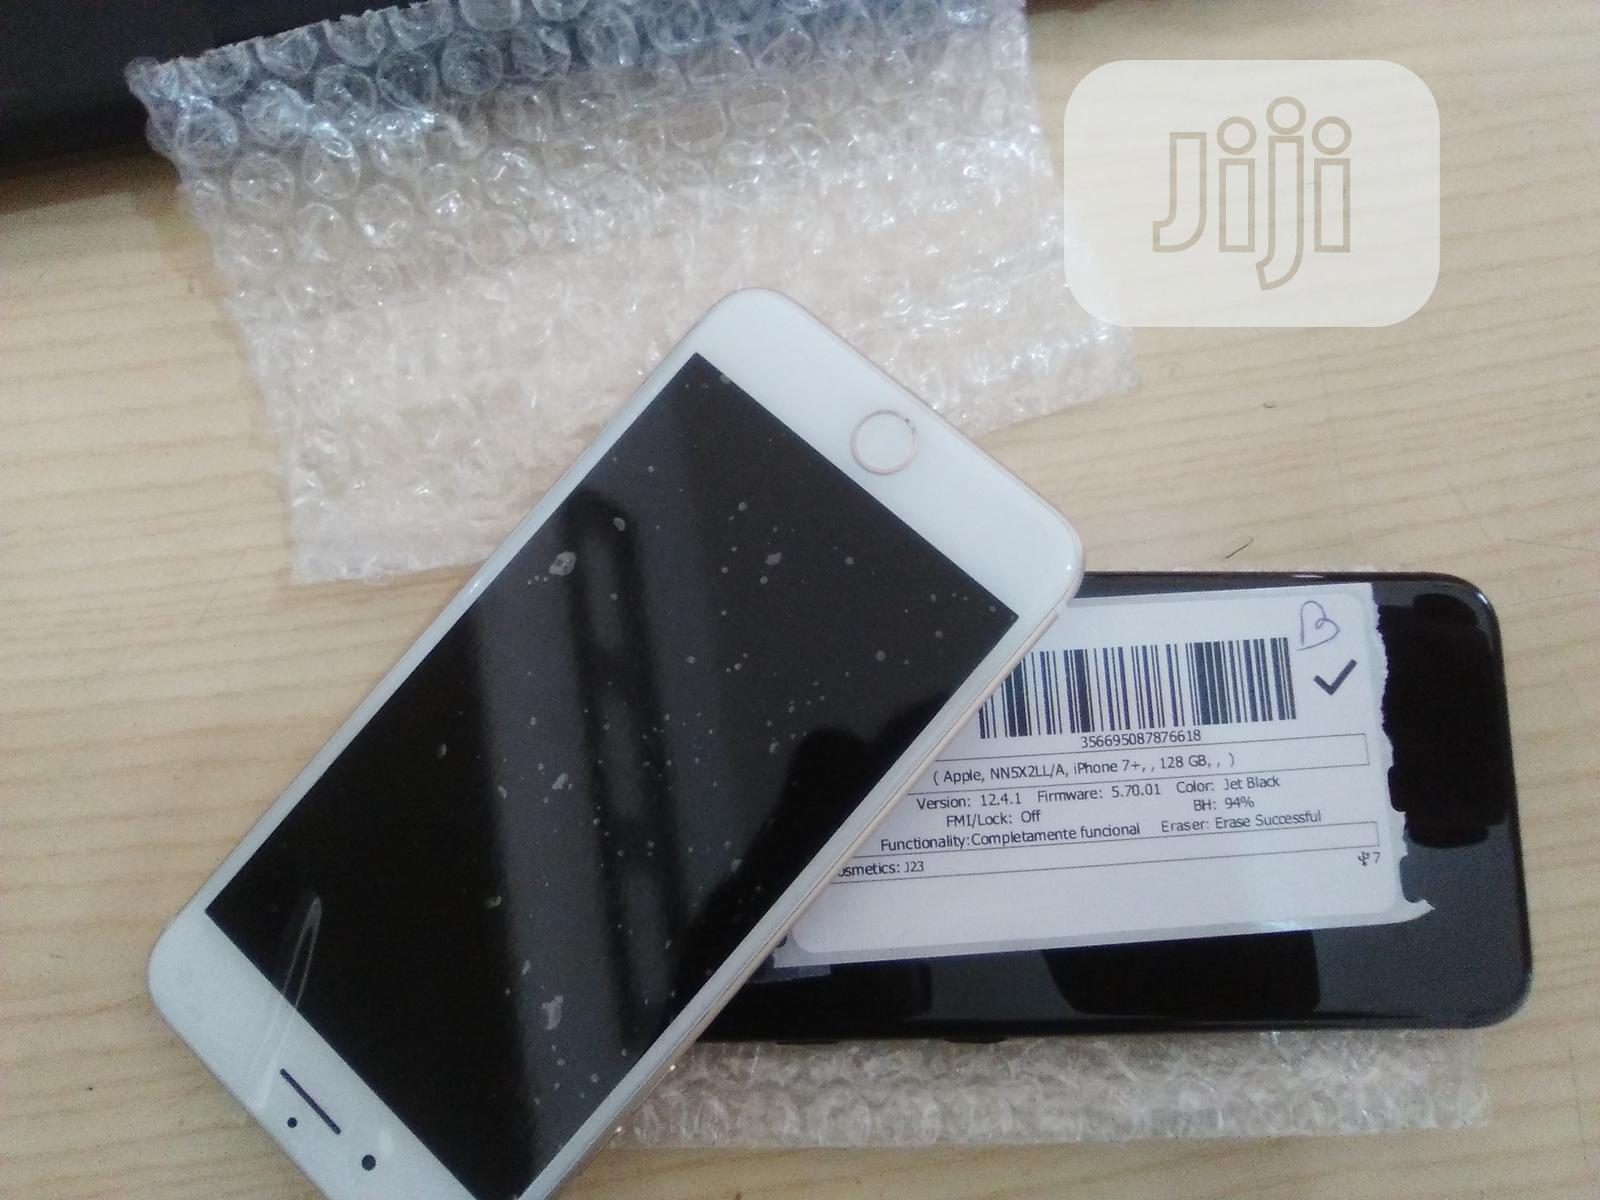 Apple iPhone 7 Plus 128 GB | Mobile Phones for sale in Ikeja, Lagos State, Nigeria